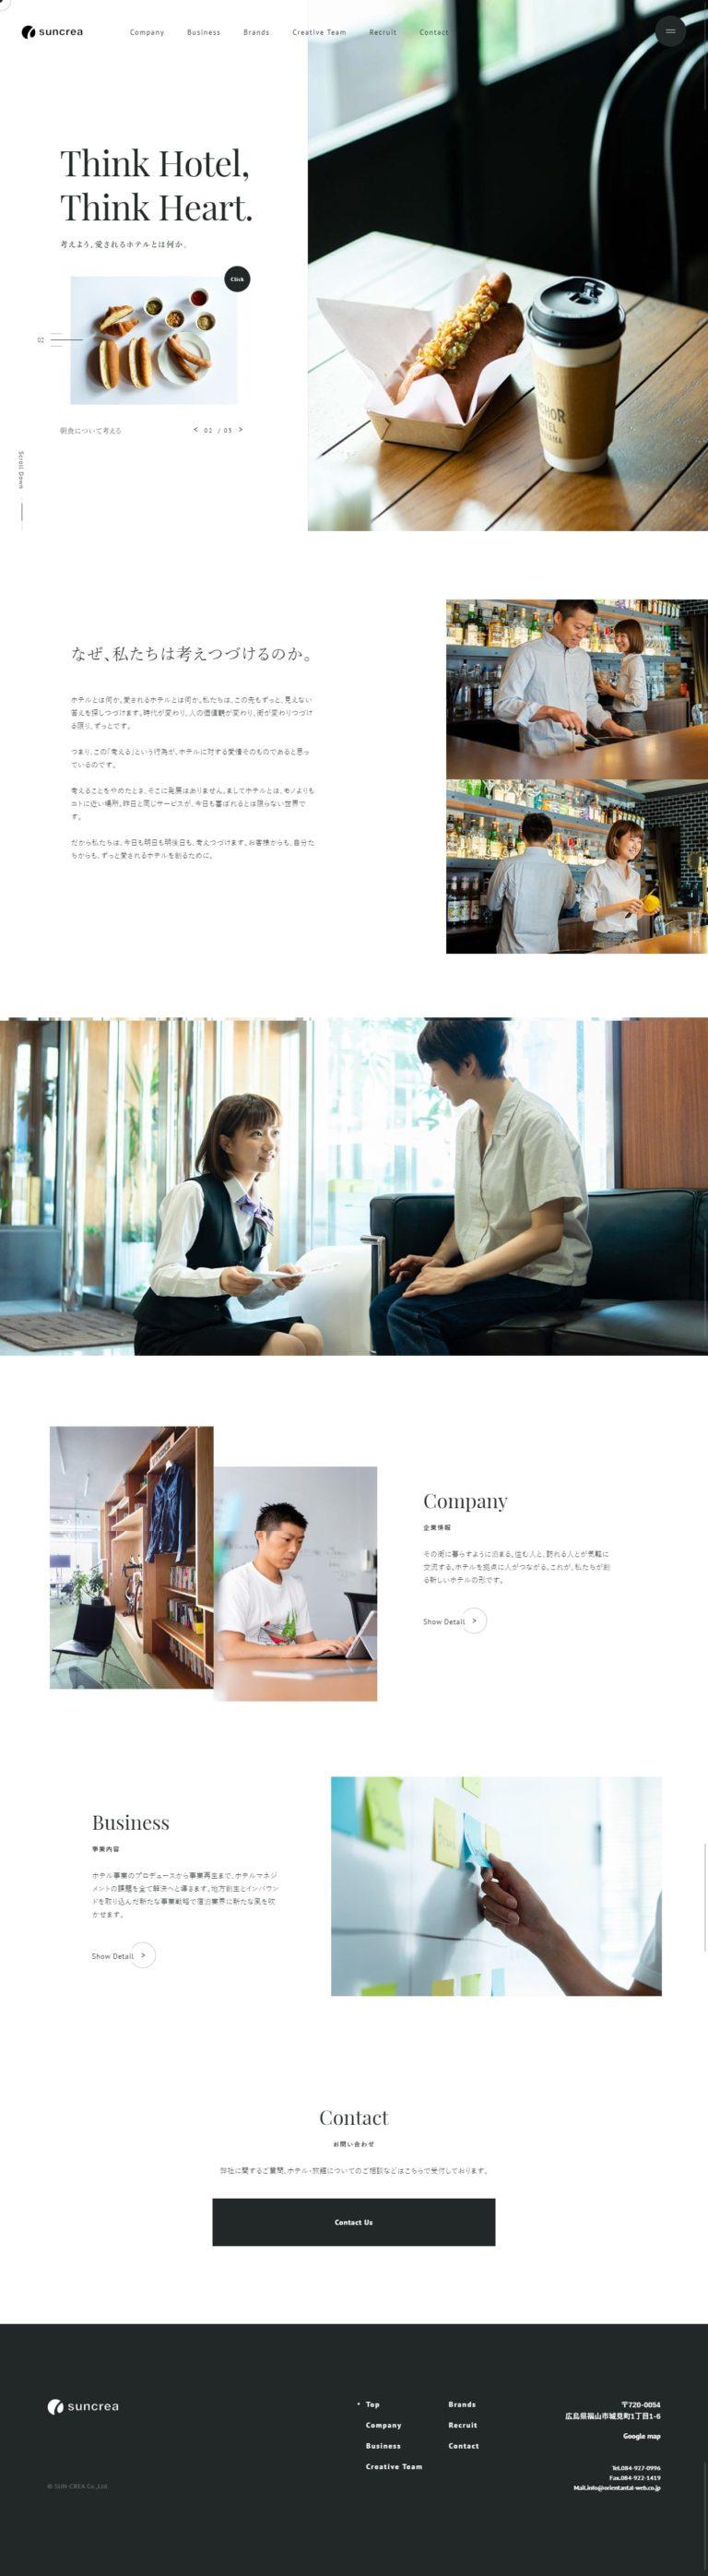 株式会社サン・クレア - SUN-CREA Co.,Ltd.